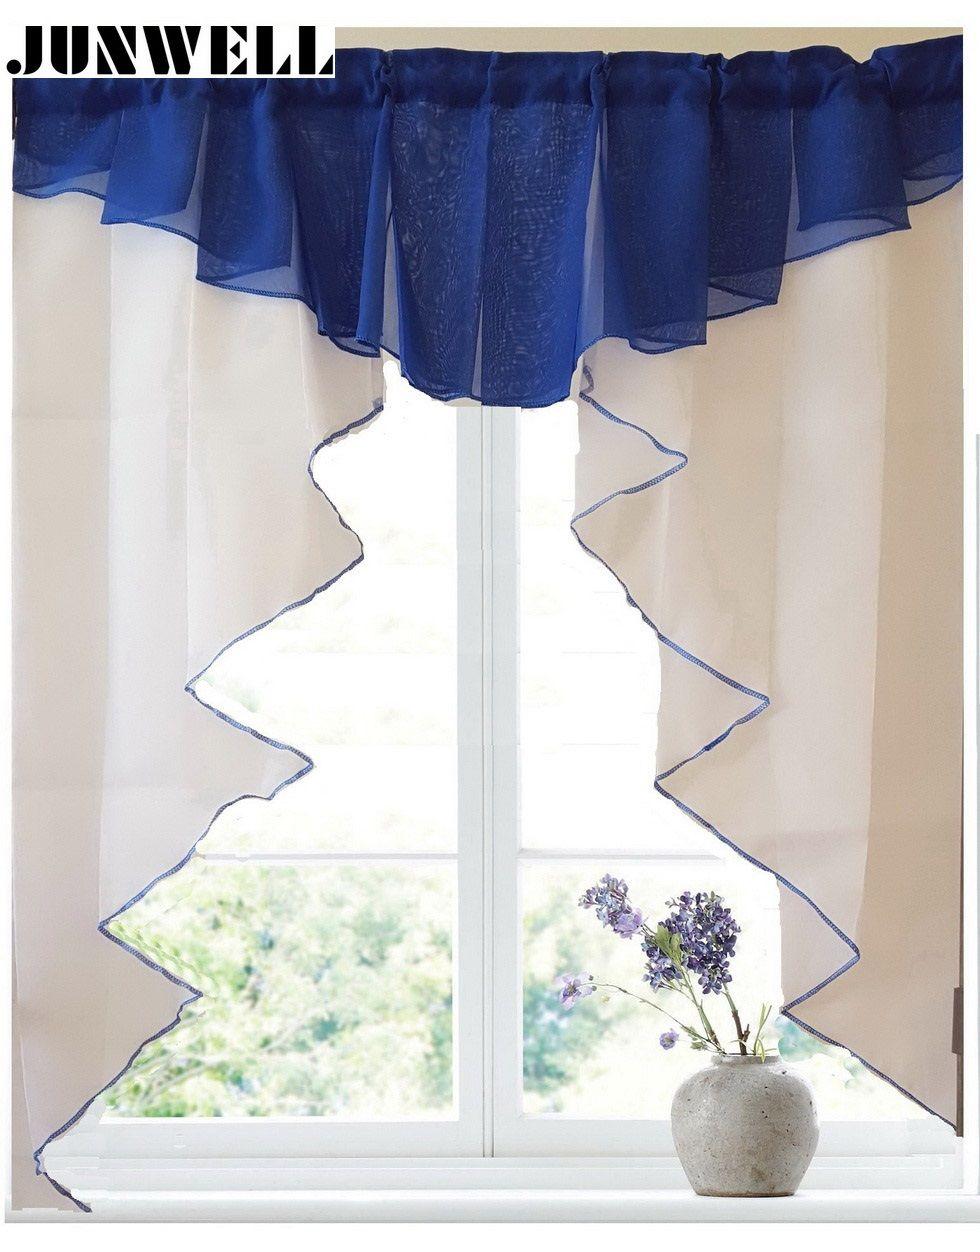 11 couleurs De Mode Plissée Rideau Romain Conception Couture Couleurs Tulle Balcon Cuisine Fenêtre Rideau Aveugle 1 pc